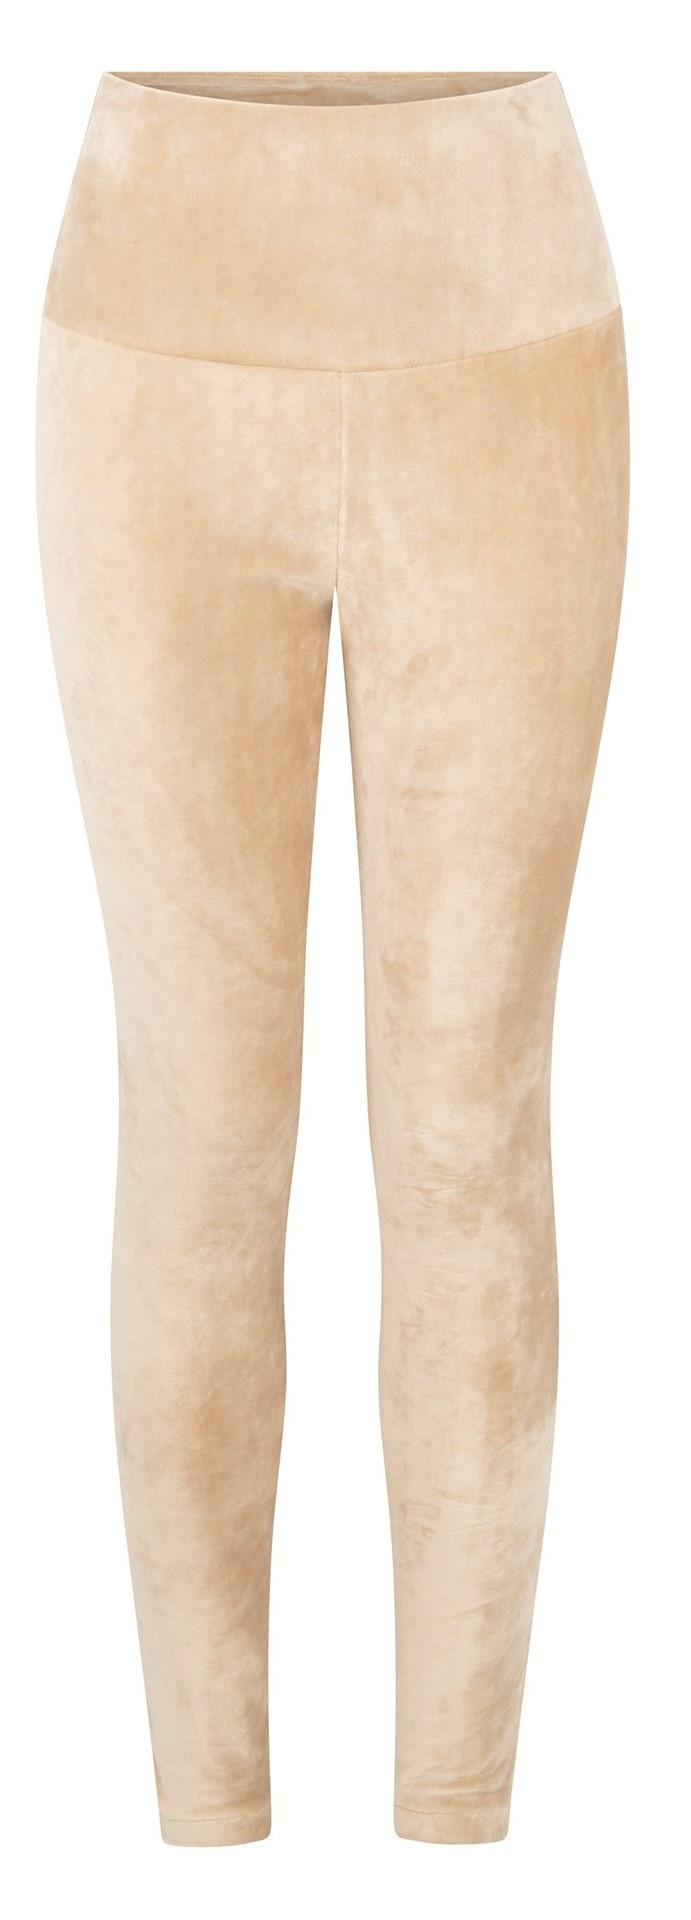 Broek legging velvet champagne-1